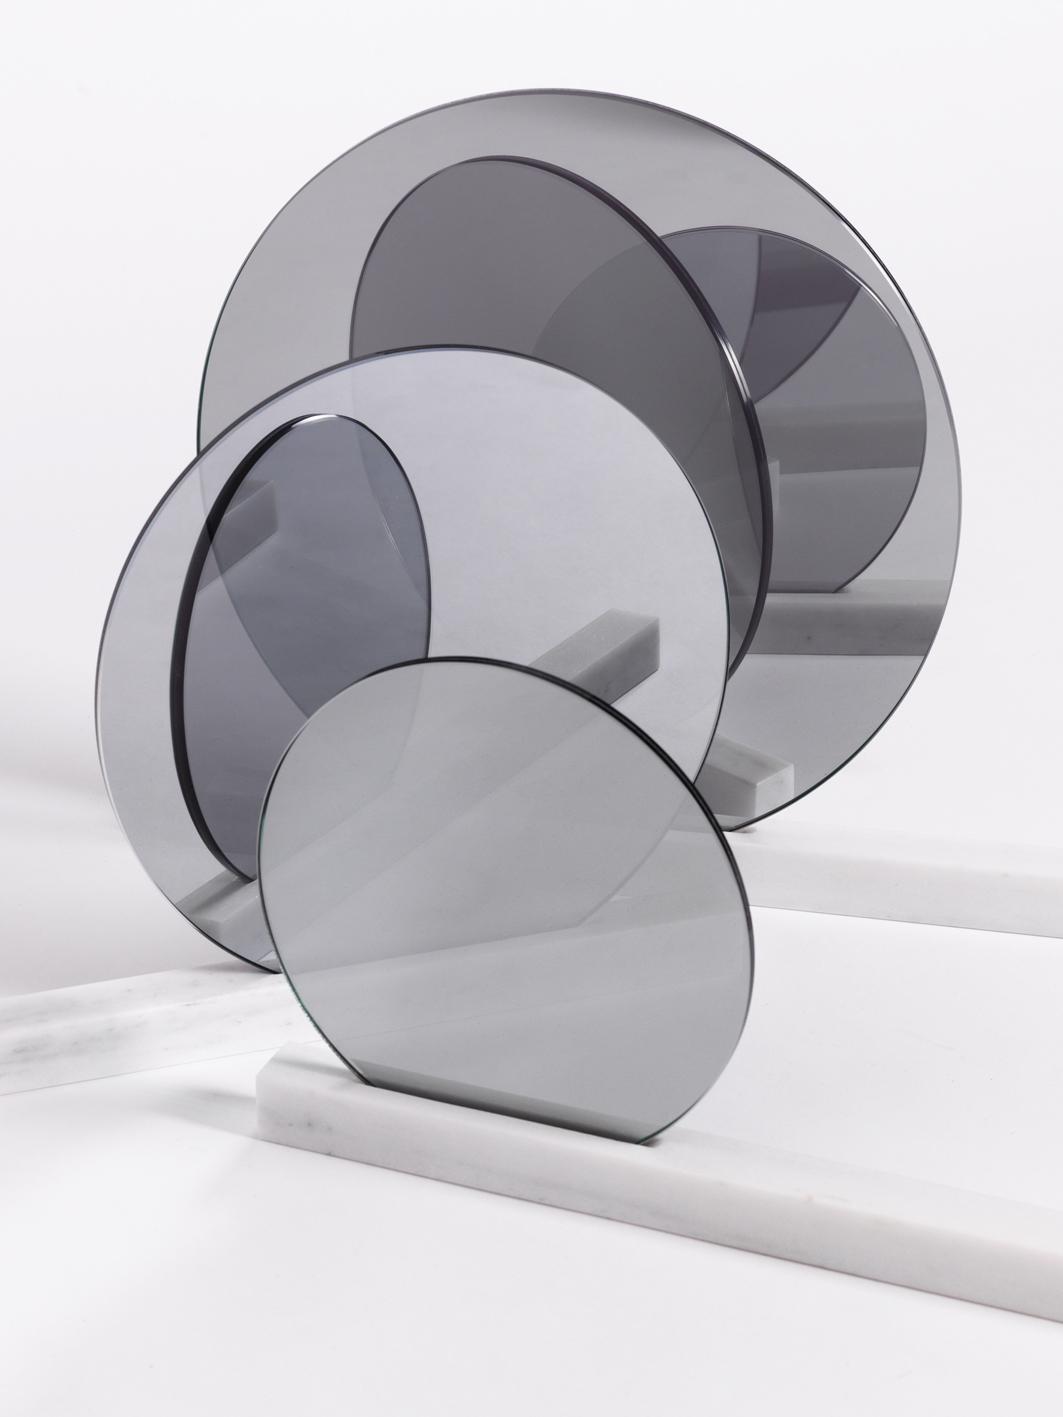 See Right Through Me Specchio   Marmo di Carrara e Specchi   Minimal Design  Isabell Gatzen   Spazio Materiae   Napoli